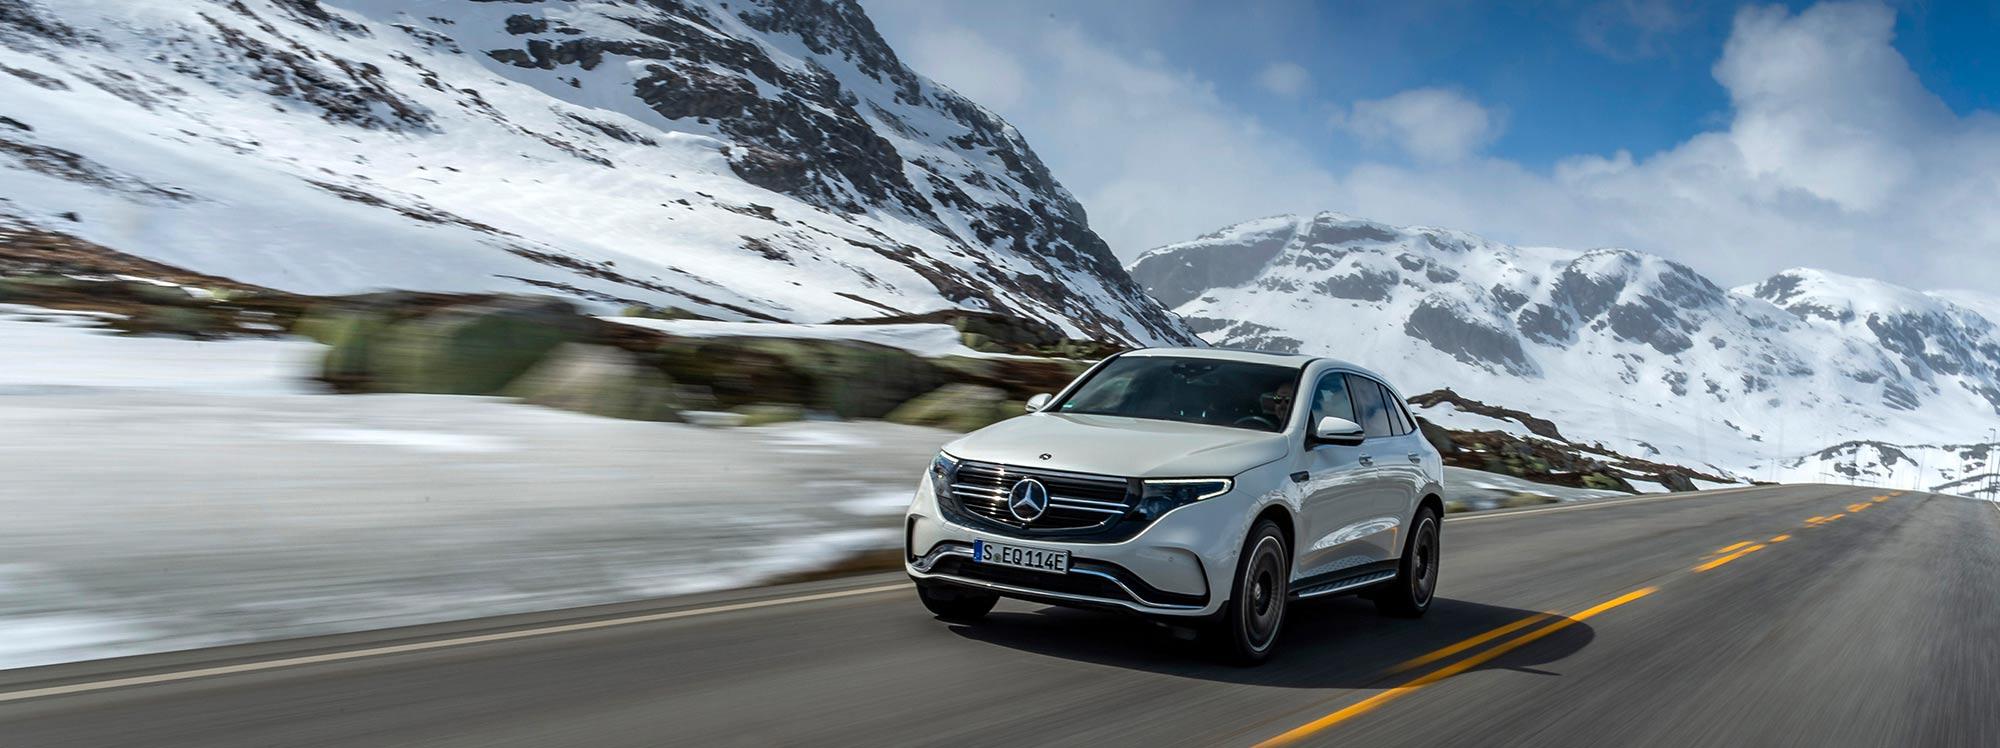 Mercedes Benz presenta una nueva versión del EQ